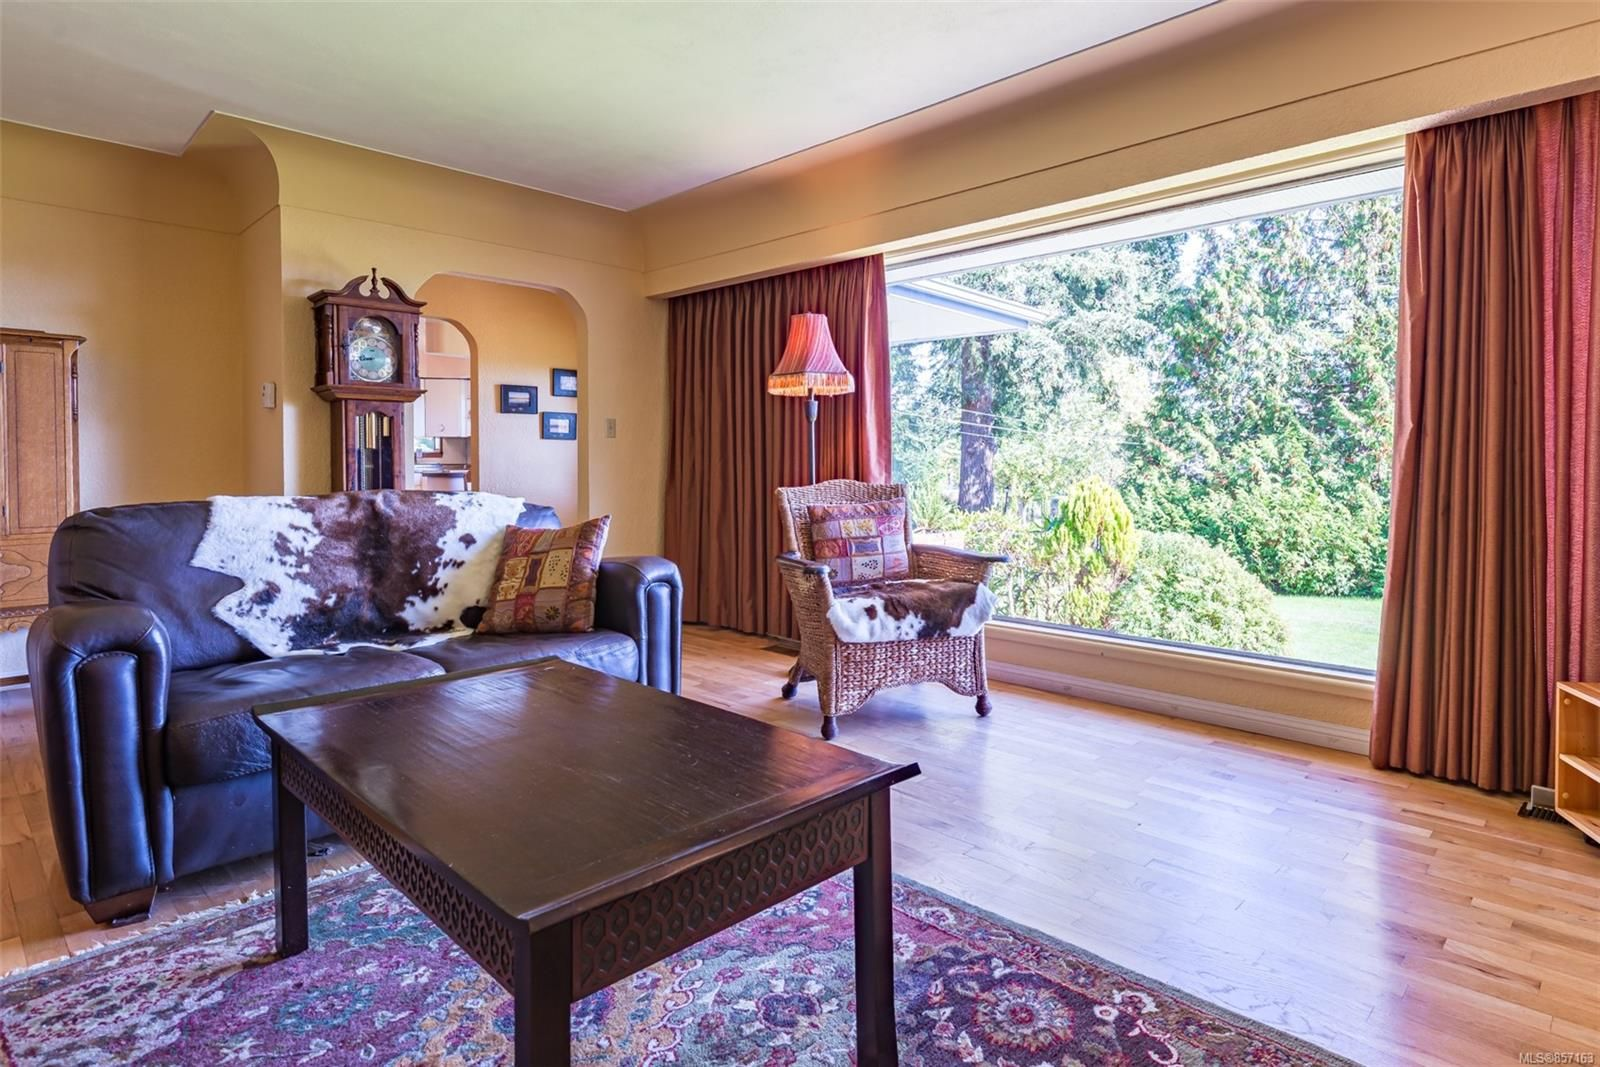 Photo 11: Photos: 4241 Buddington Rd in : CV Courtenay South House for sale (Comox Valley)  : MLS®# 857163